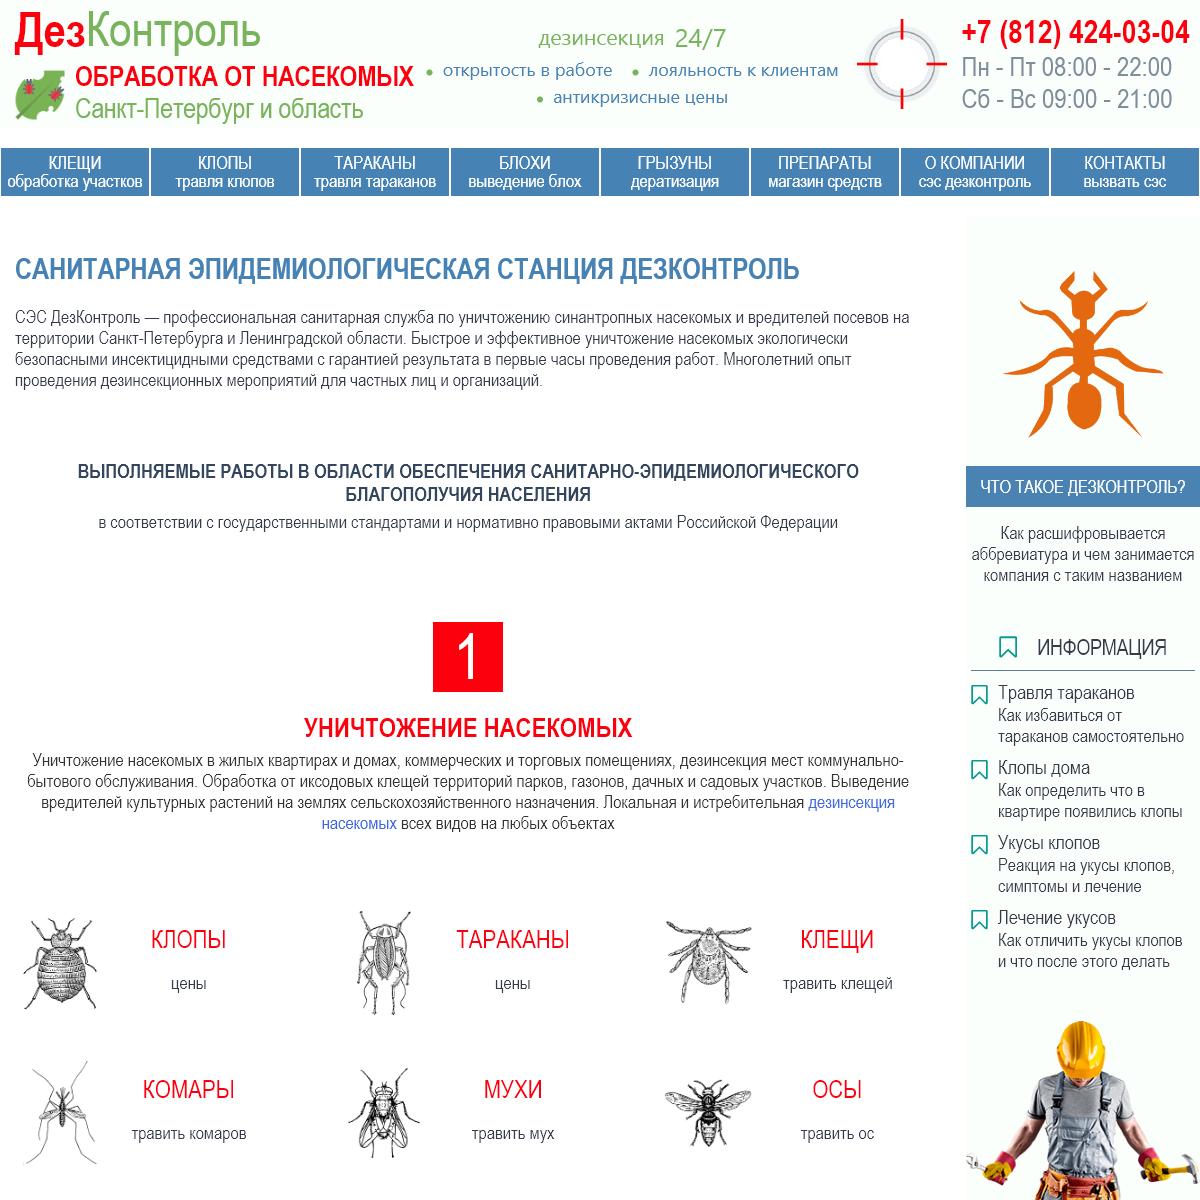 СЭС СПб официальный сайт